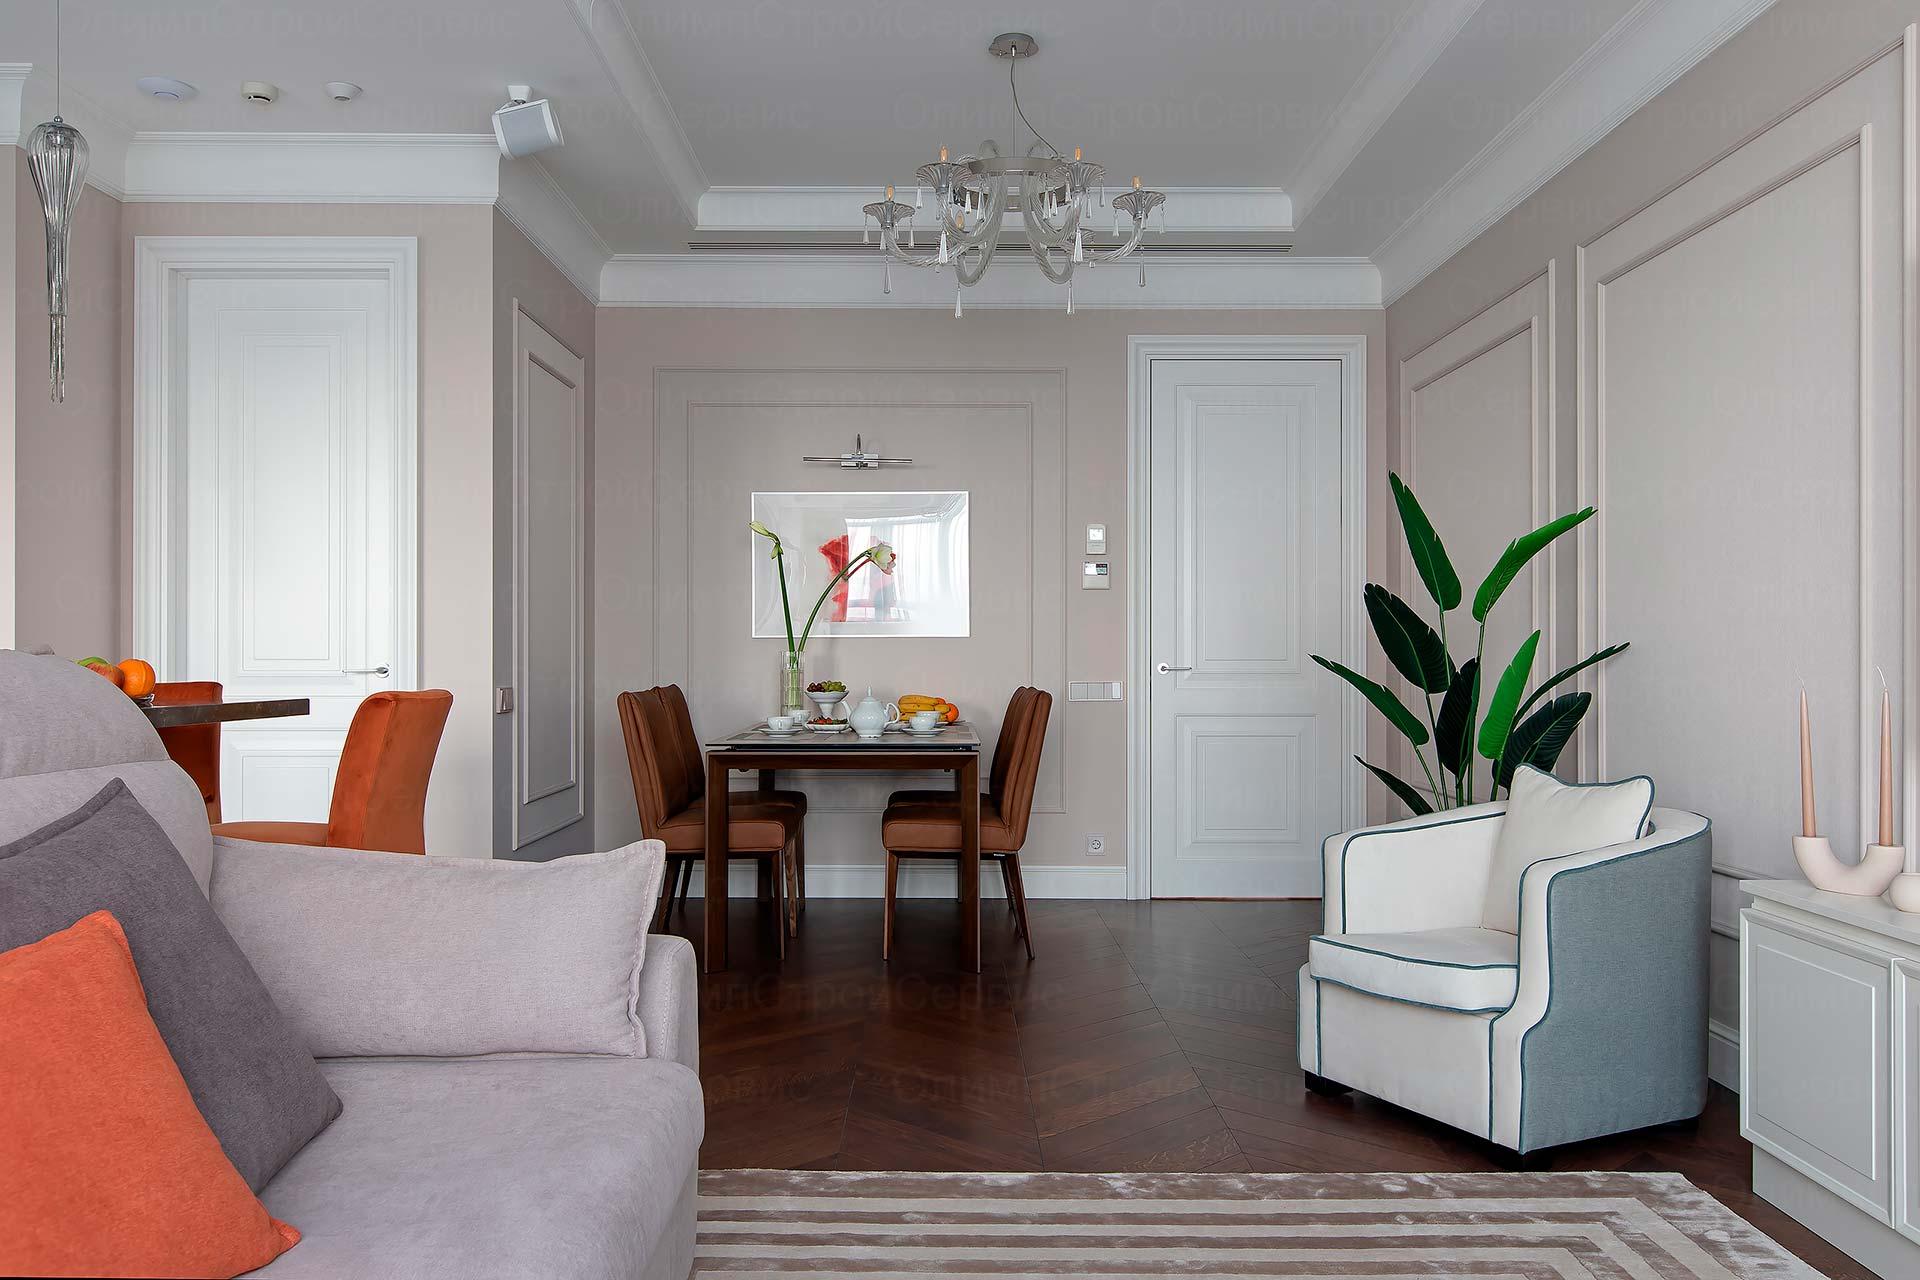 Ремонт 4-комнатной квартиры в ЖК Розмарин | Заказать ремонт квартиры